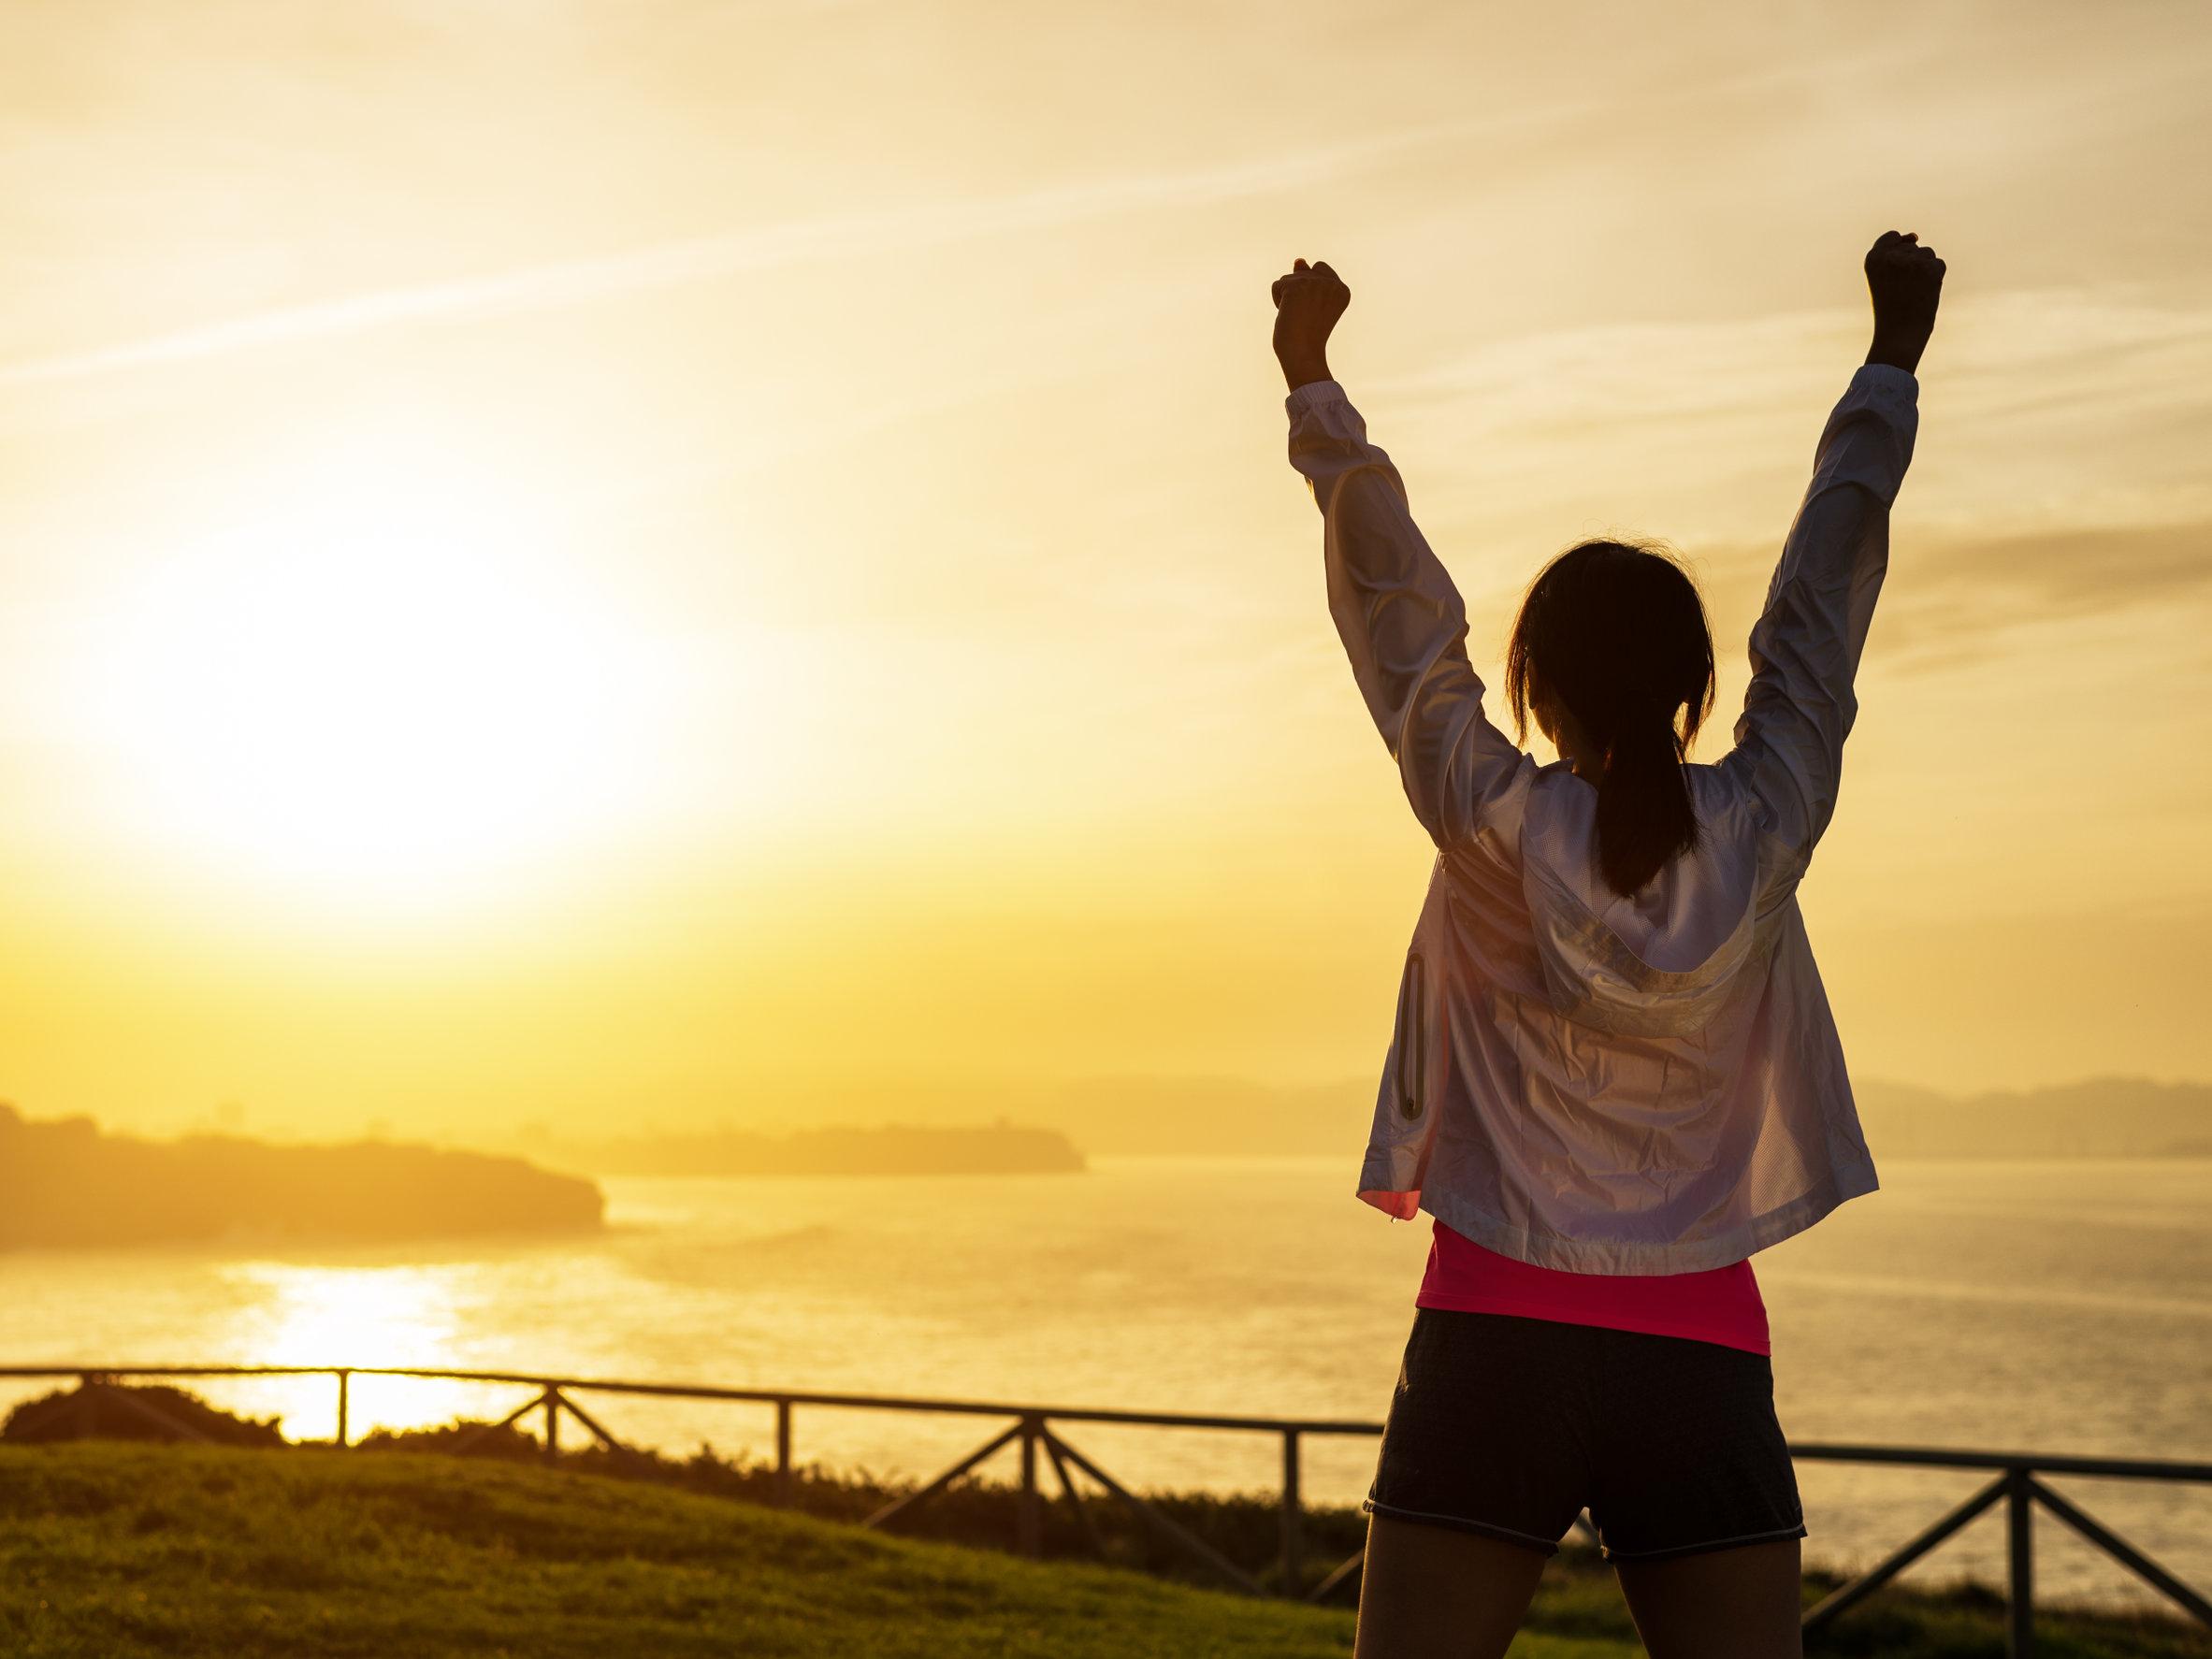 Mujer deportiva exitosa levantando los brazos hacia el mar y la hermosa puesta de sol dorada.